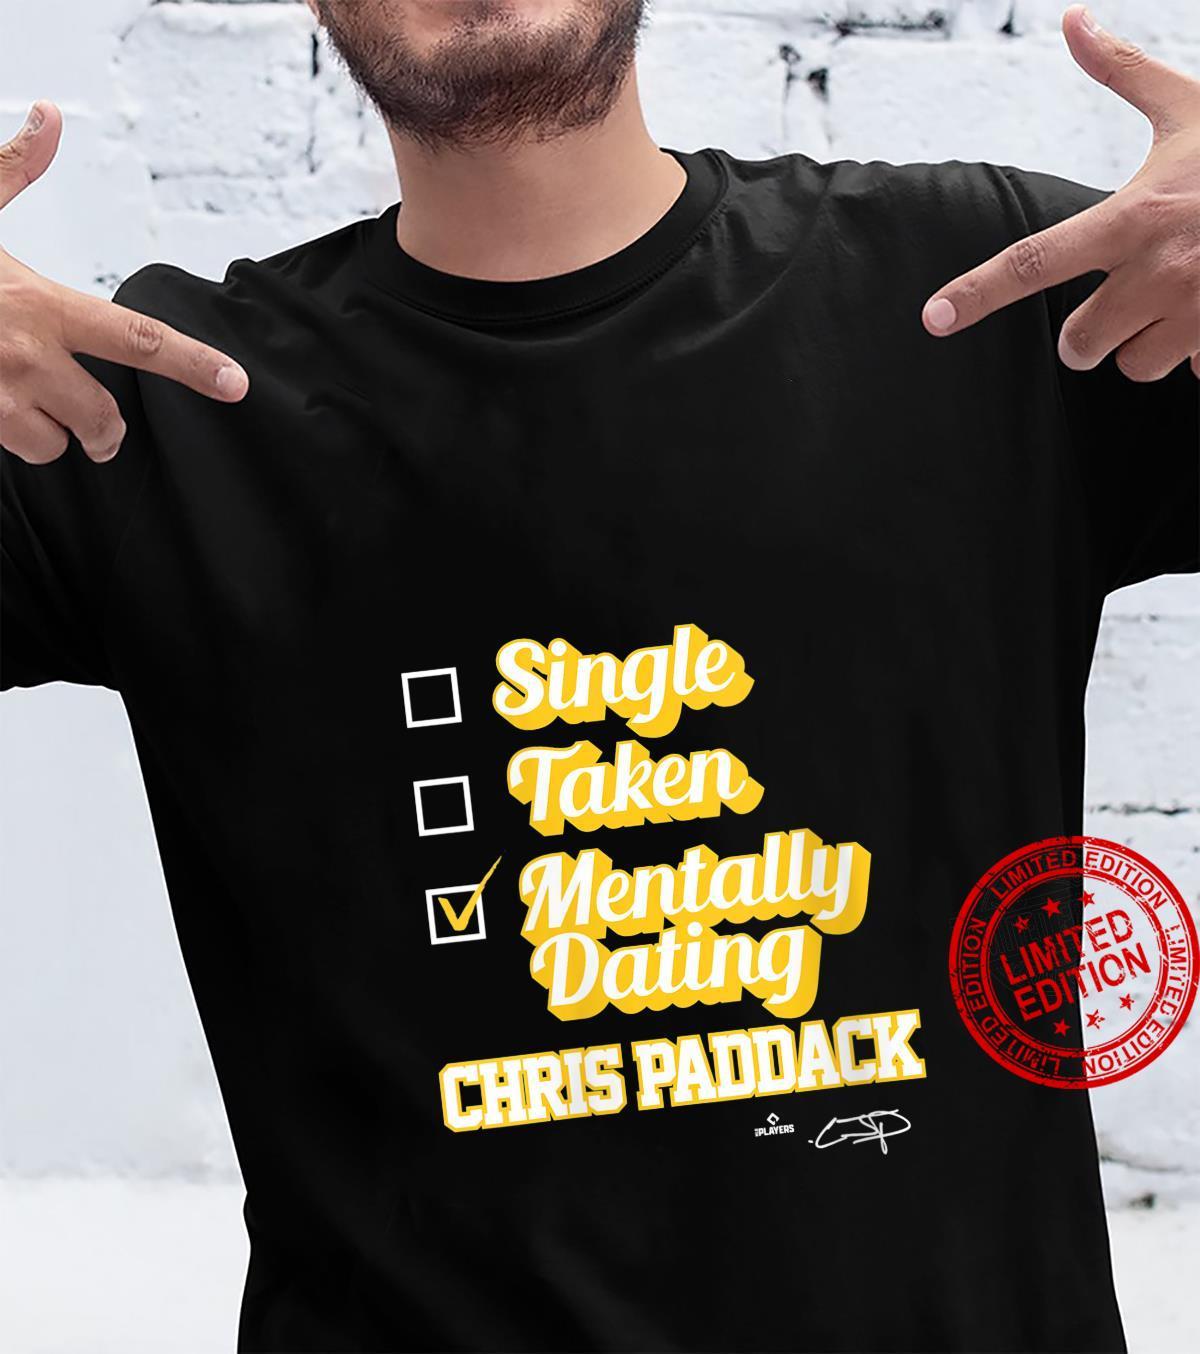 Womens Single Takentally Dating Chris Paddack Shirt